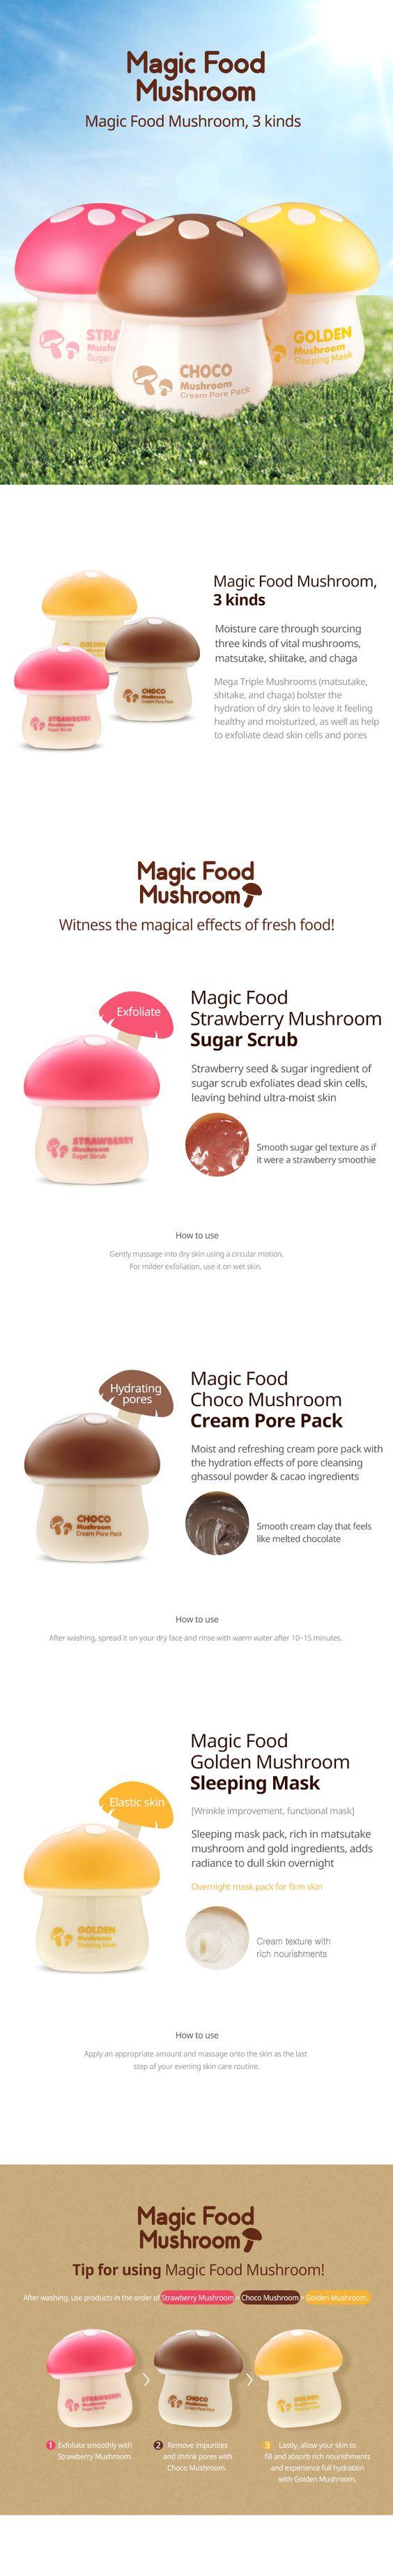 MAGIC FOOD CHOCO MUSHROOM CREAM PORE PACK